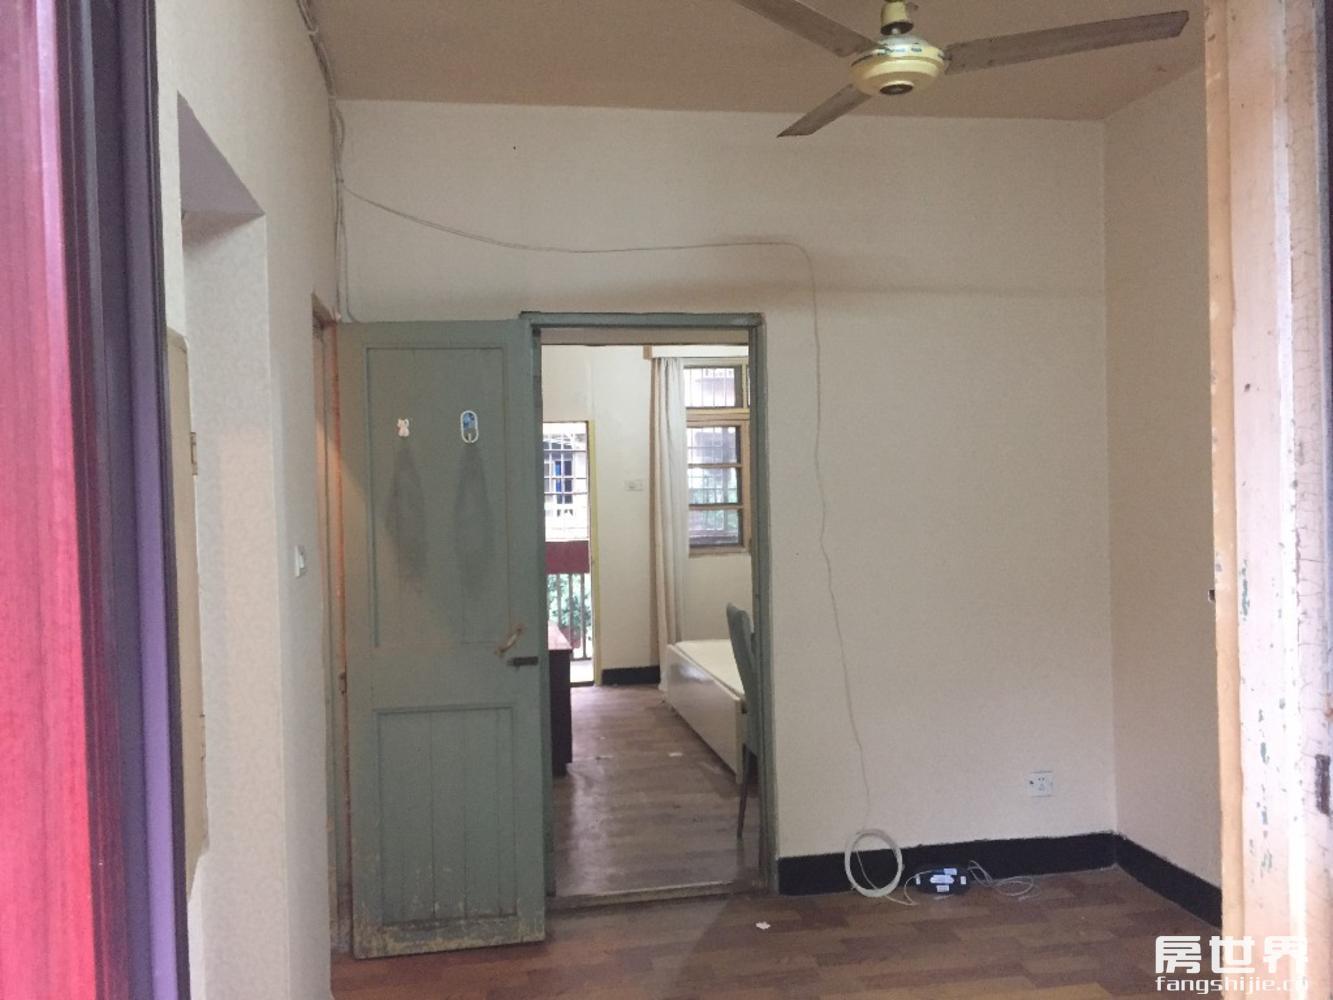 高桥小区 1居室可上学,总价低市场30万,看房方便,诚心出售